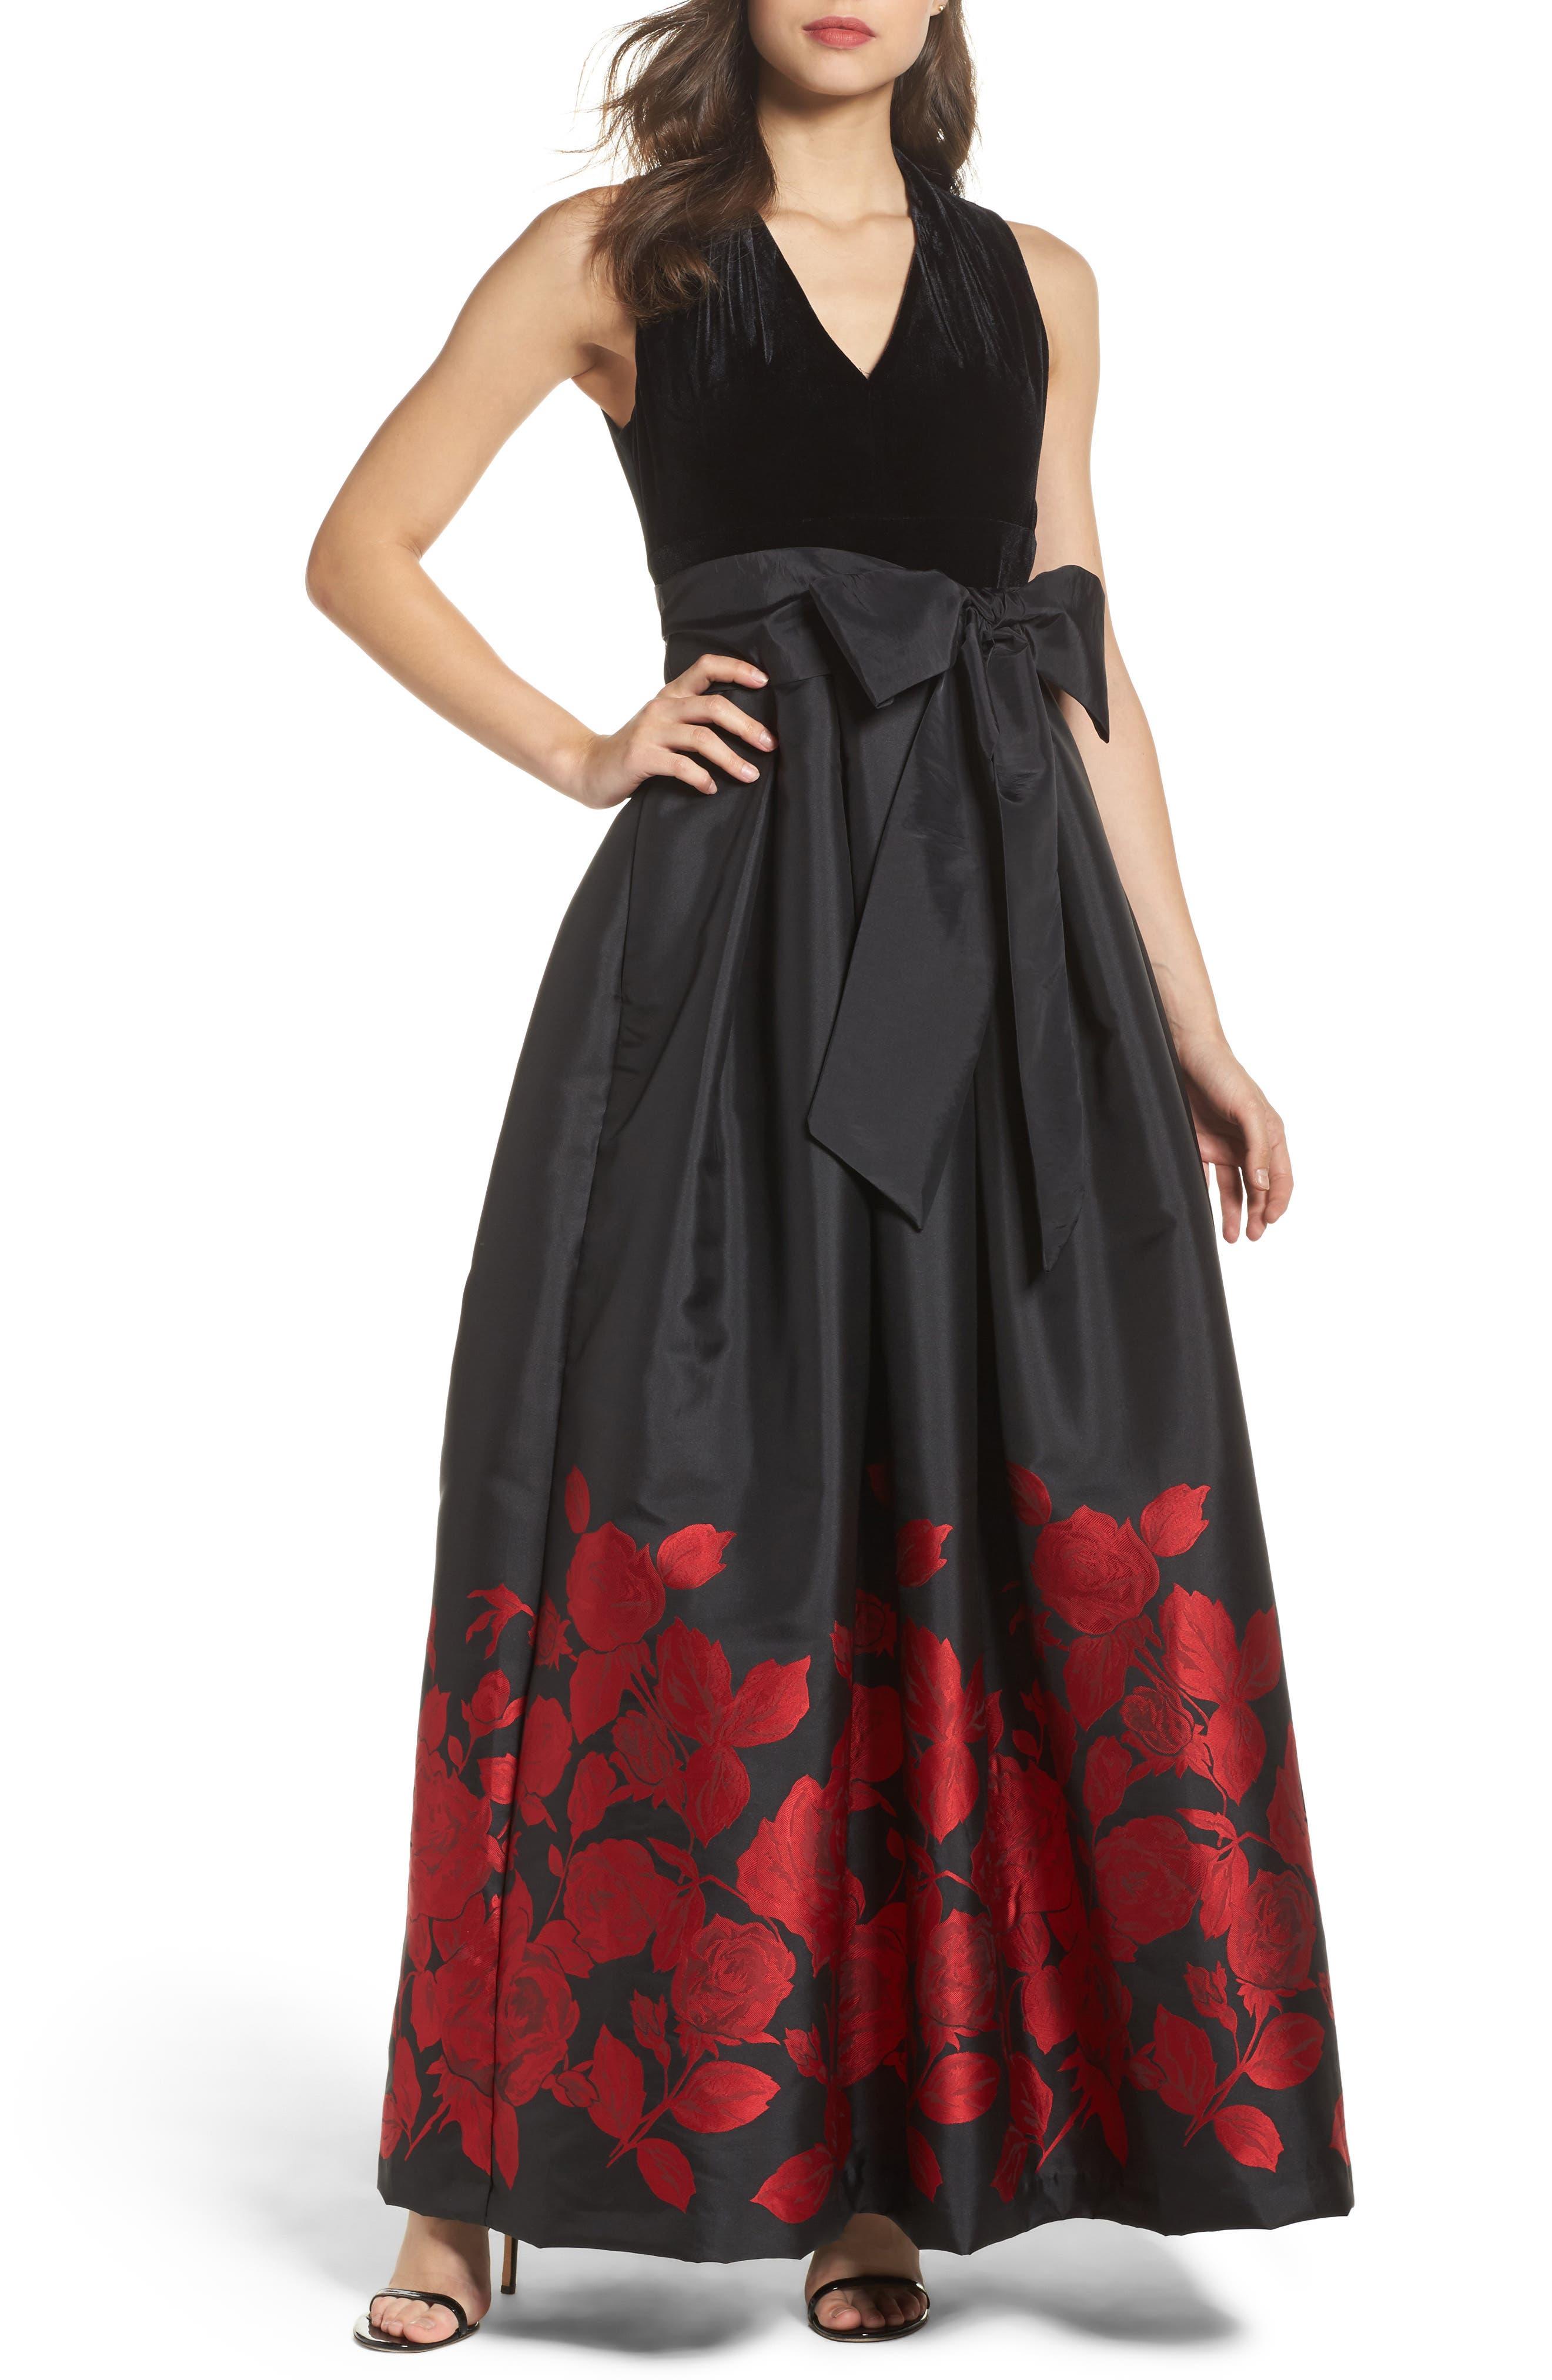 Velvet & Jacquard Ballgown,                         Main,                         color, Black Red